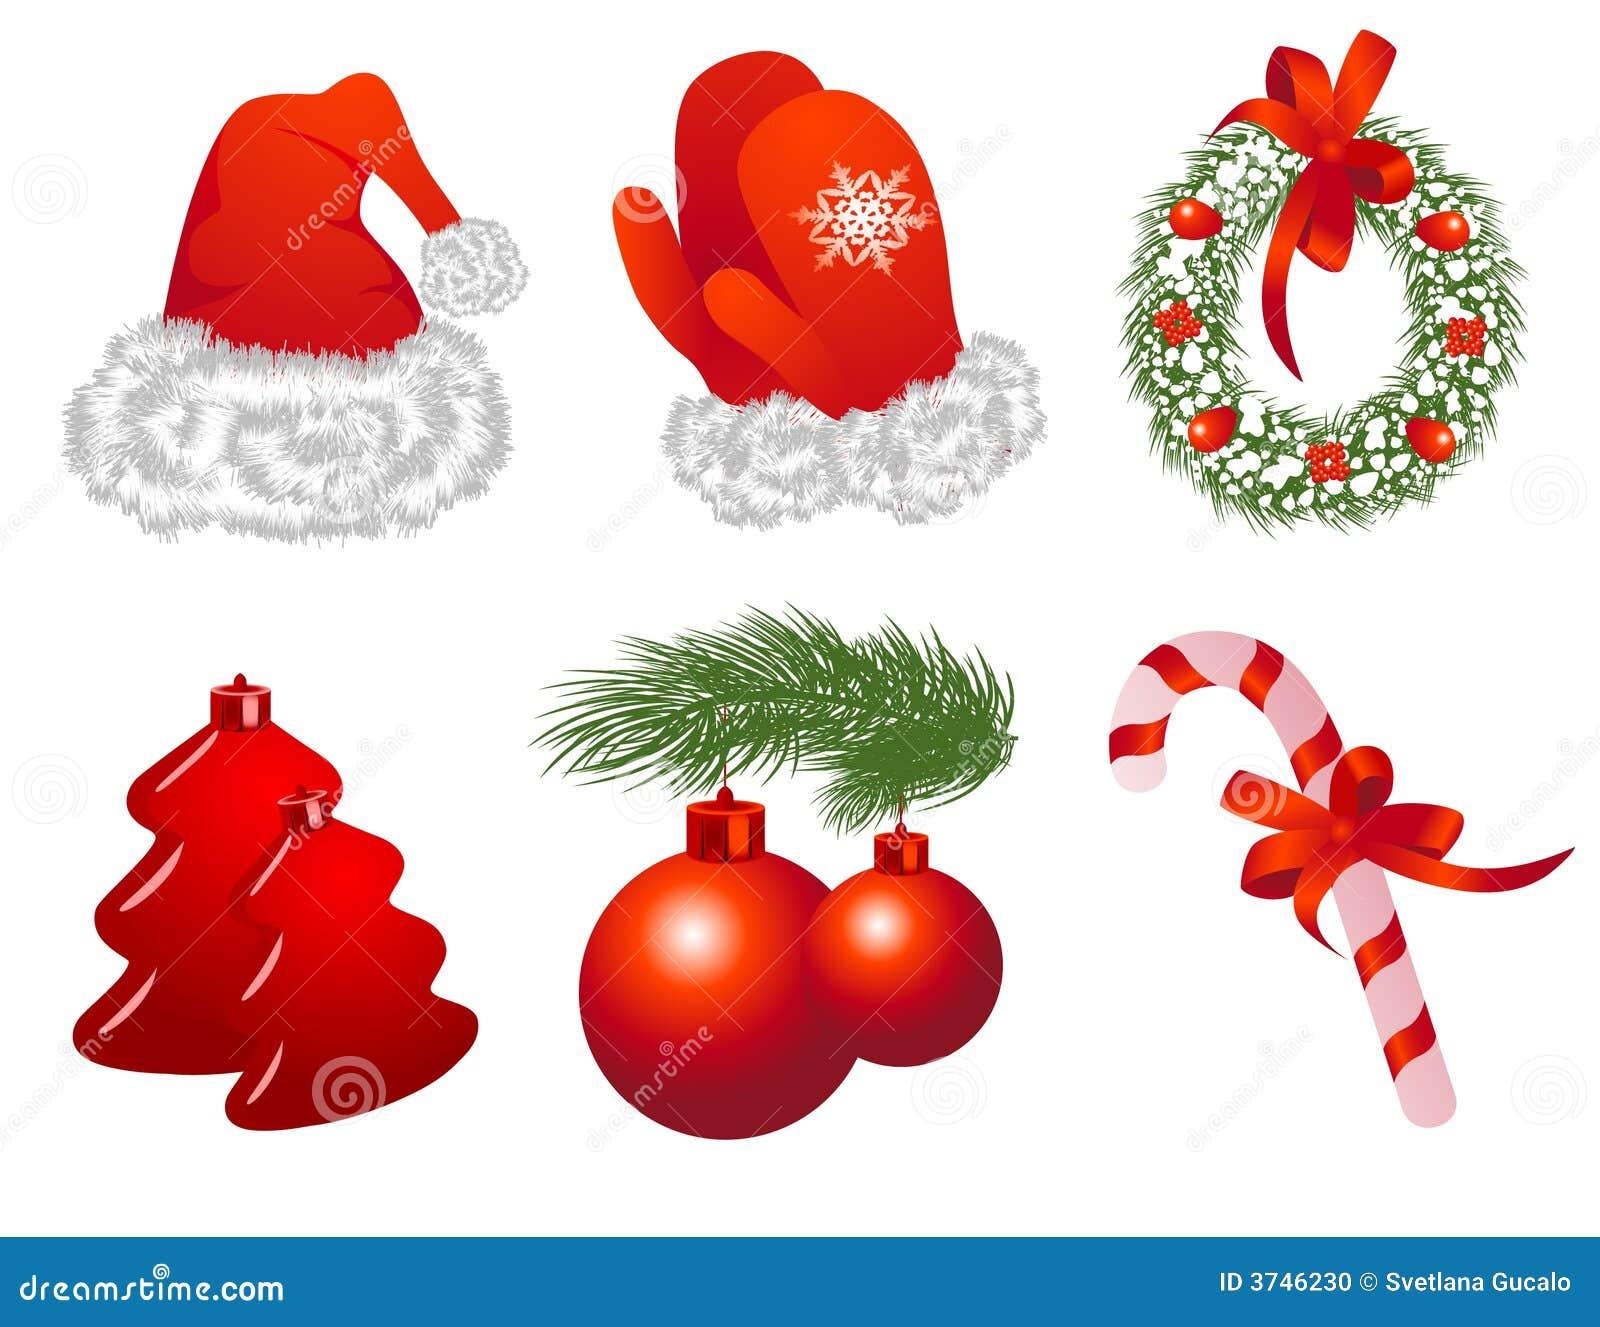 Objetos de la navidad ilustraci n del vector imagen de choza 3746230 - Objetos de navidad ...